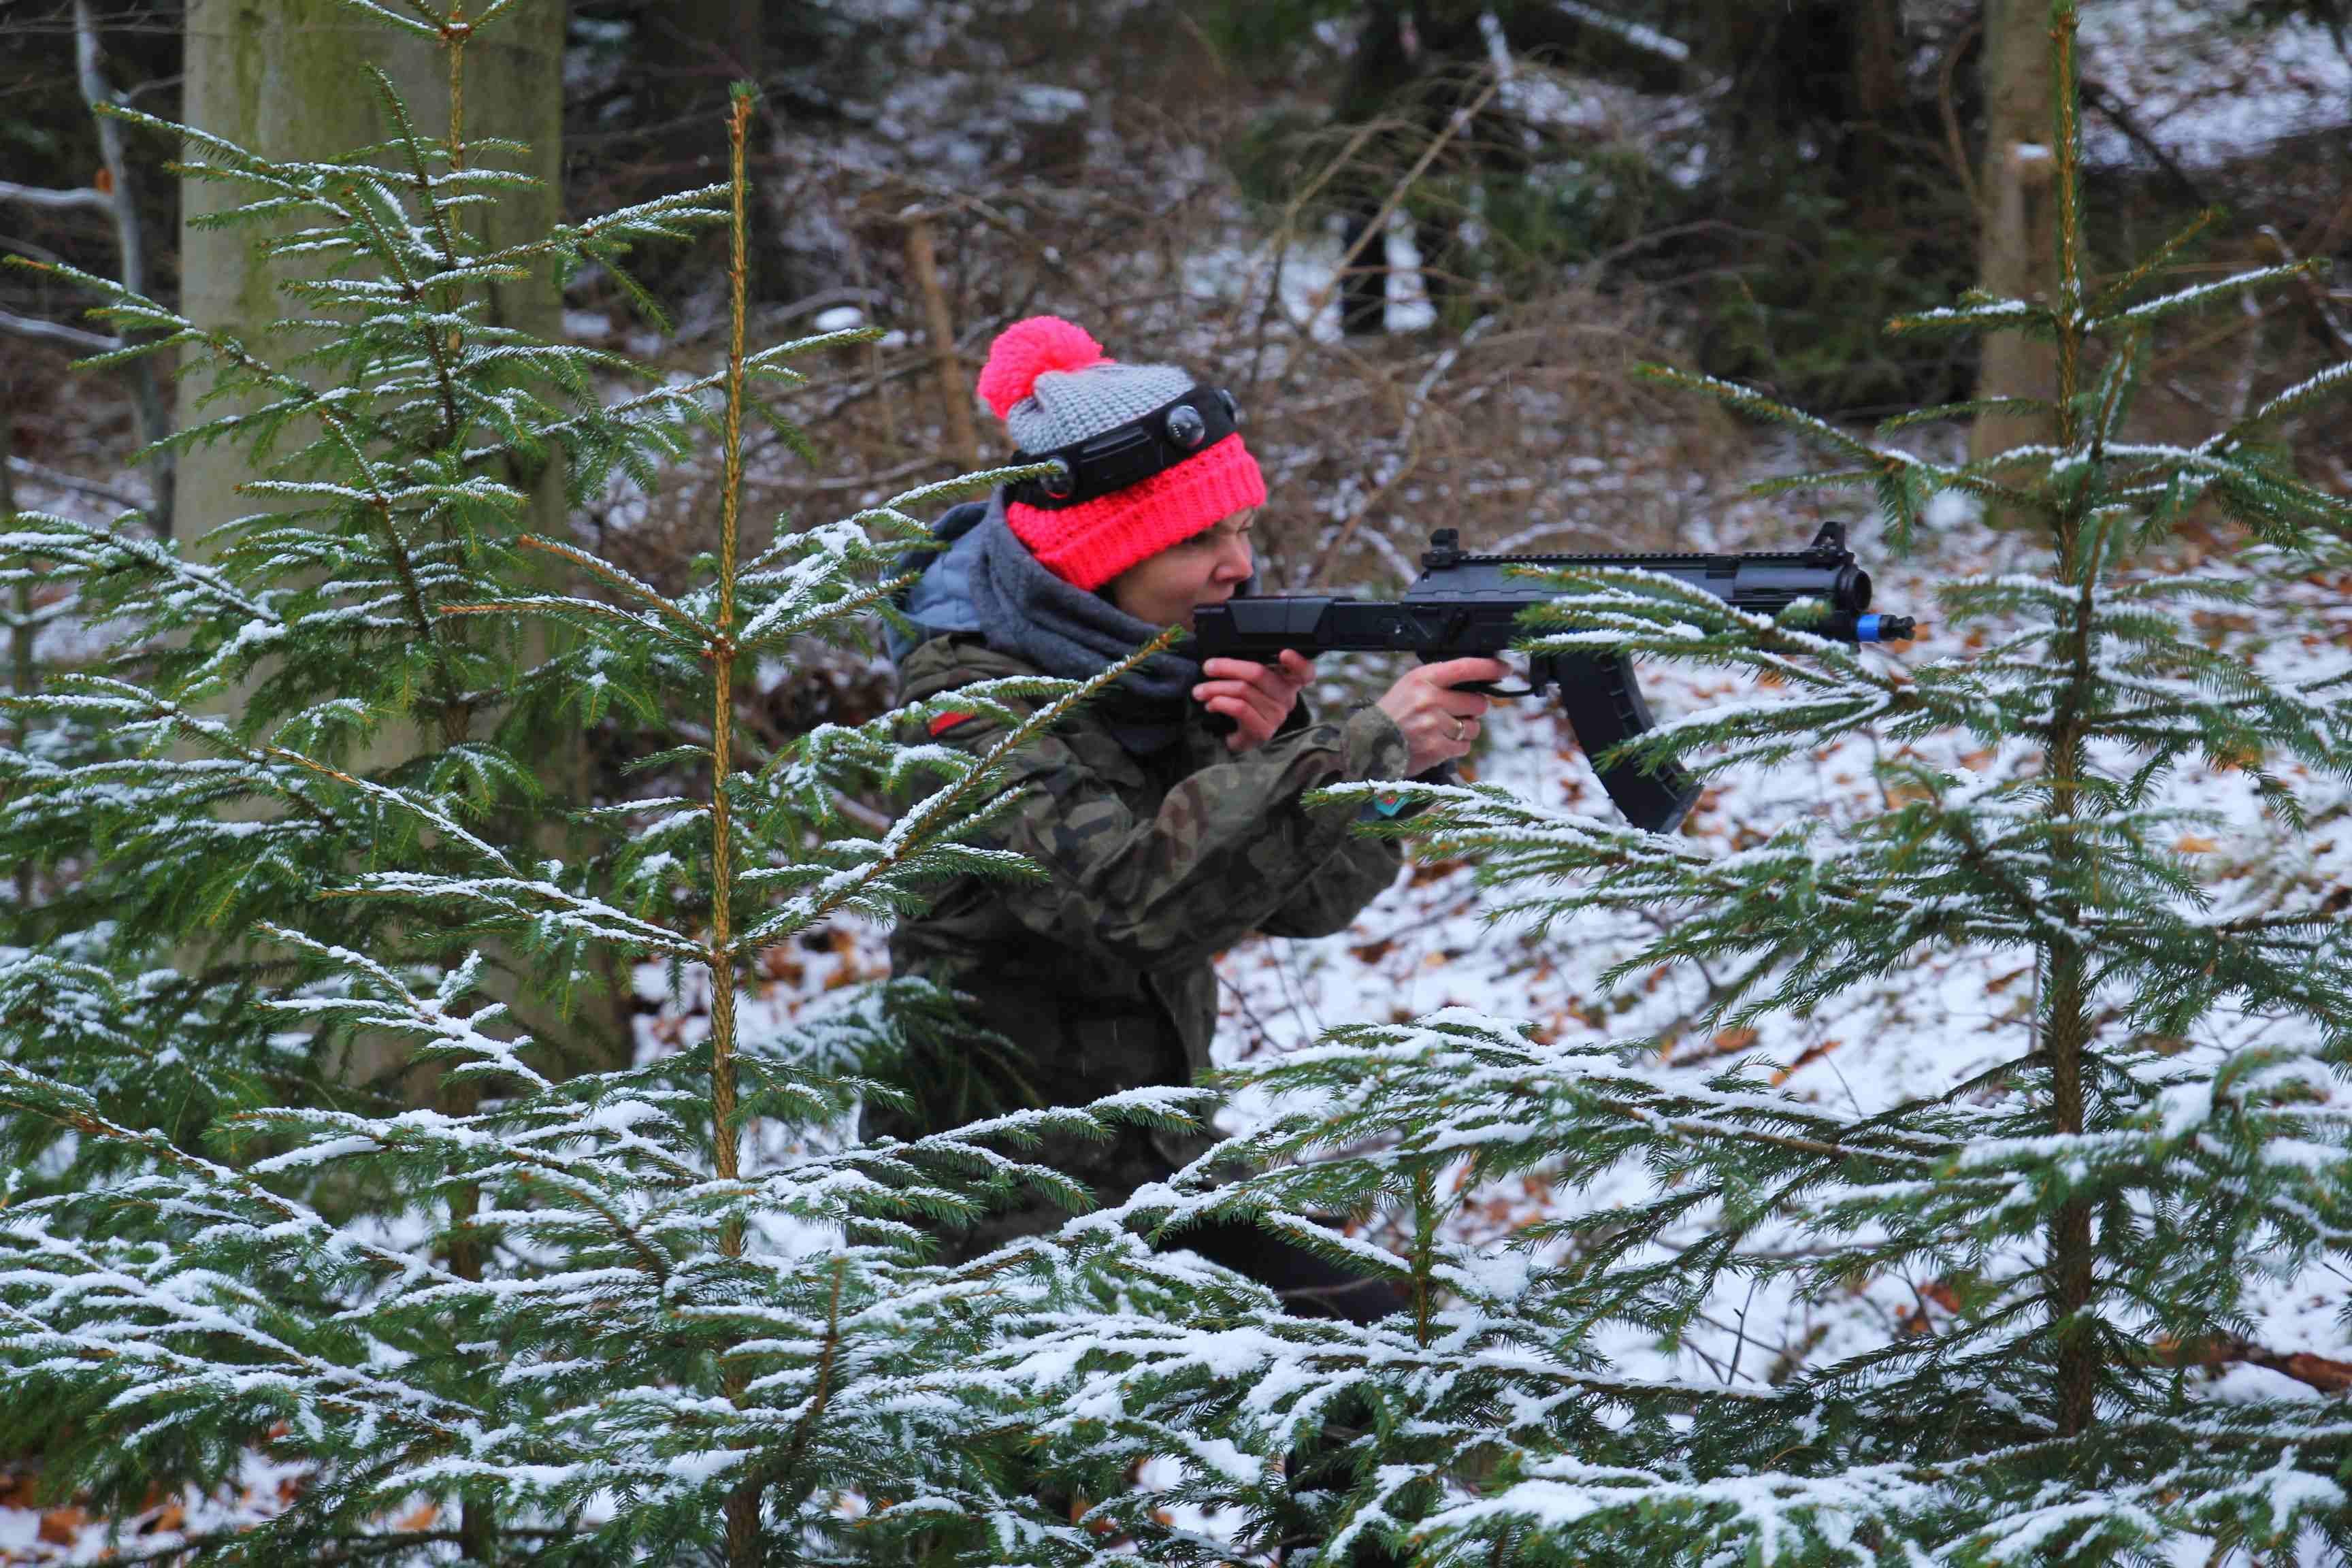 Winter Adrenaline